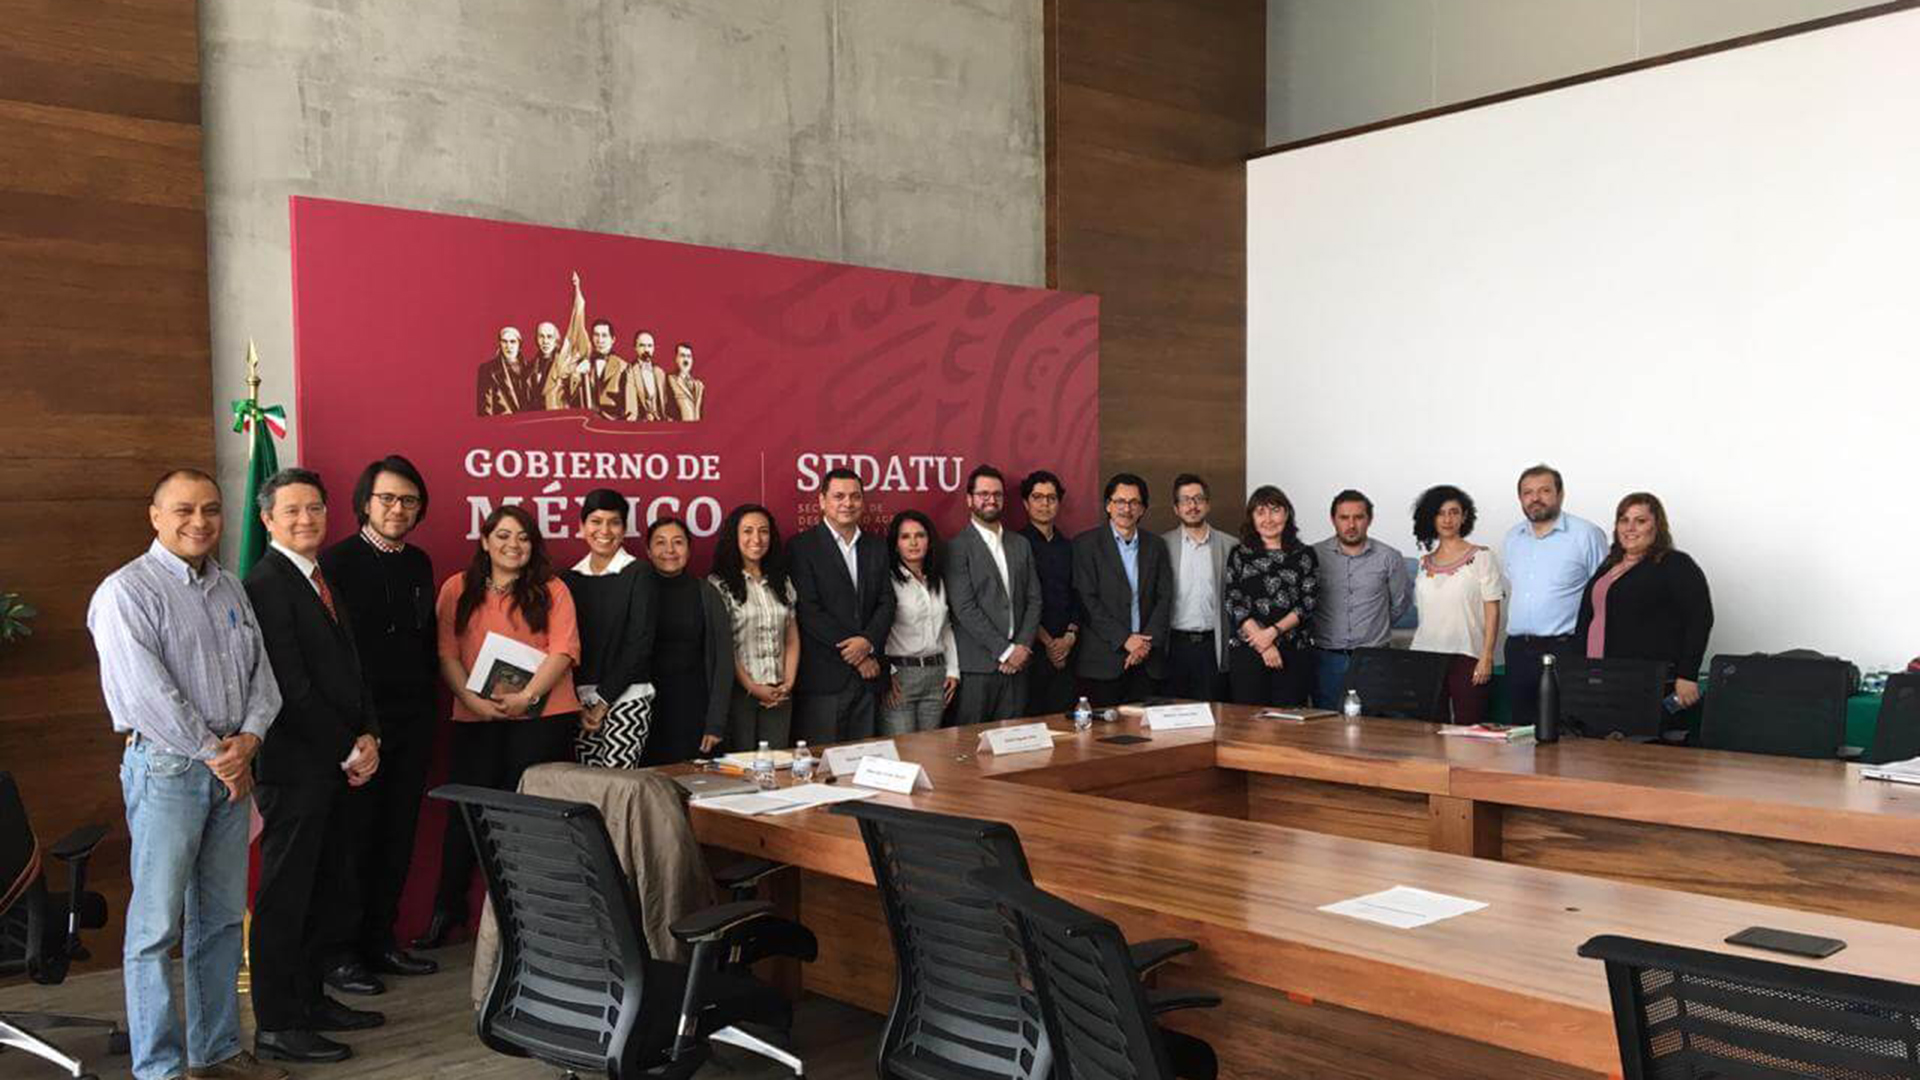 LKS KREAN culmina la consultoría para el Banco Inter Americano de Desarrollo y la Secretaría de Desarrollo Agrario, Territorial y Urbano en Mexico.